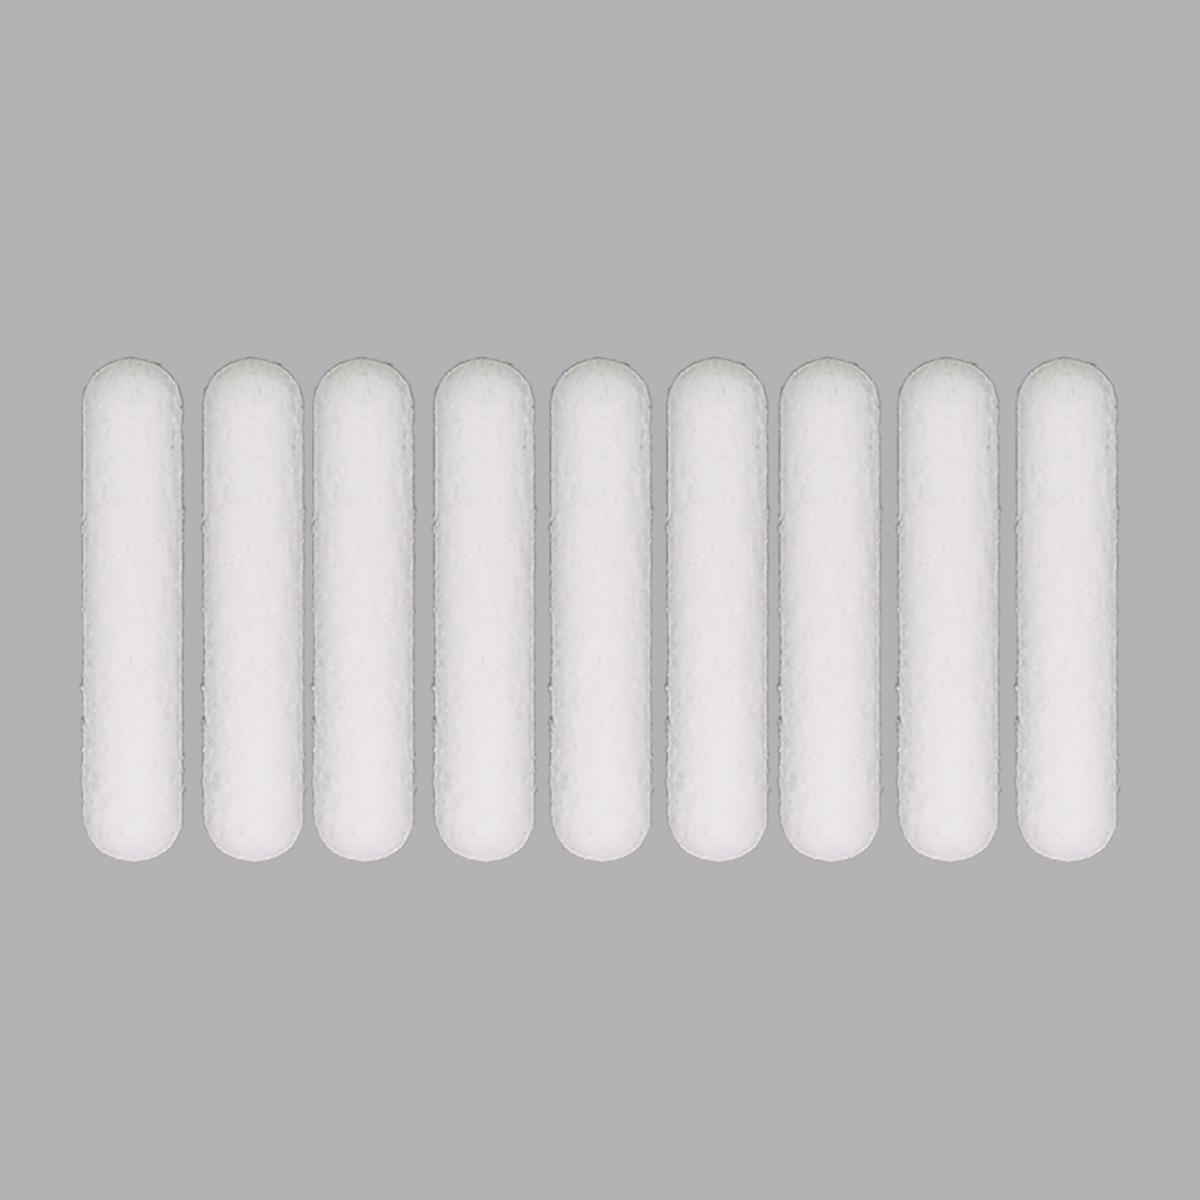 DA0220010002 Наконечники для маркеров Darwi ACRYL Opak, 3мм, 10шт